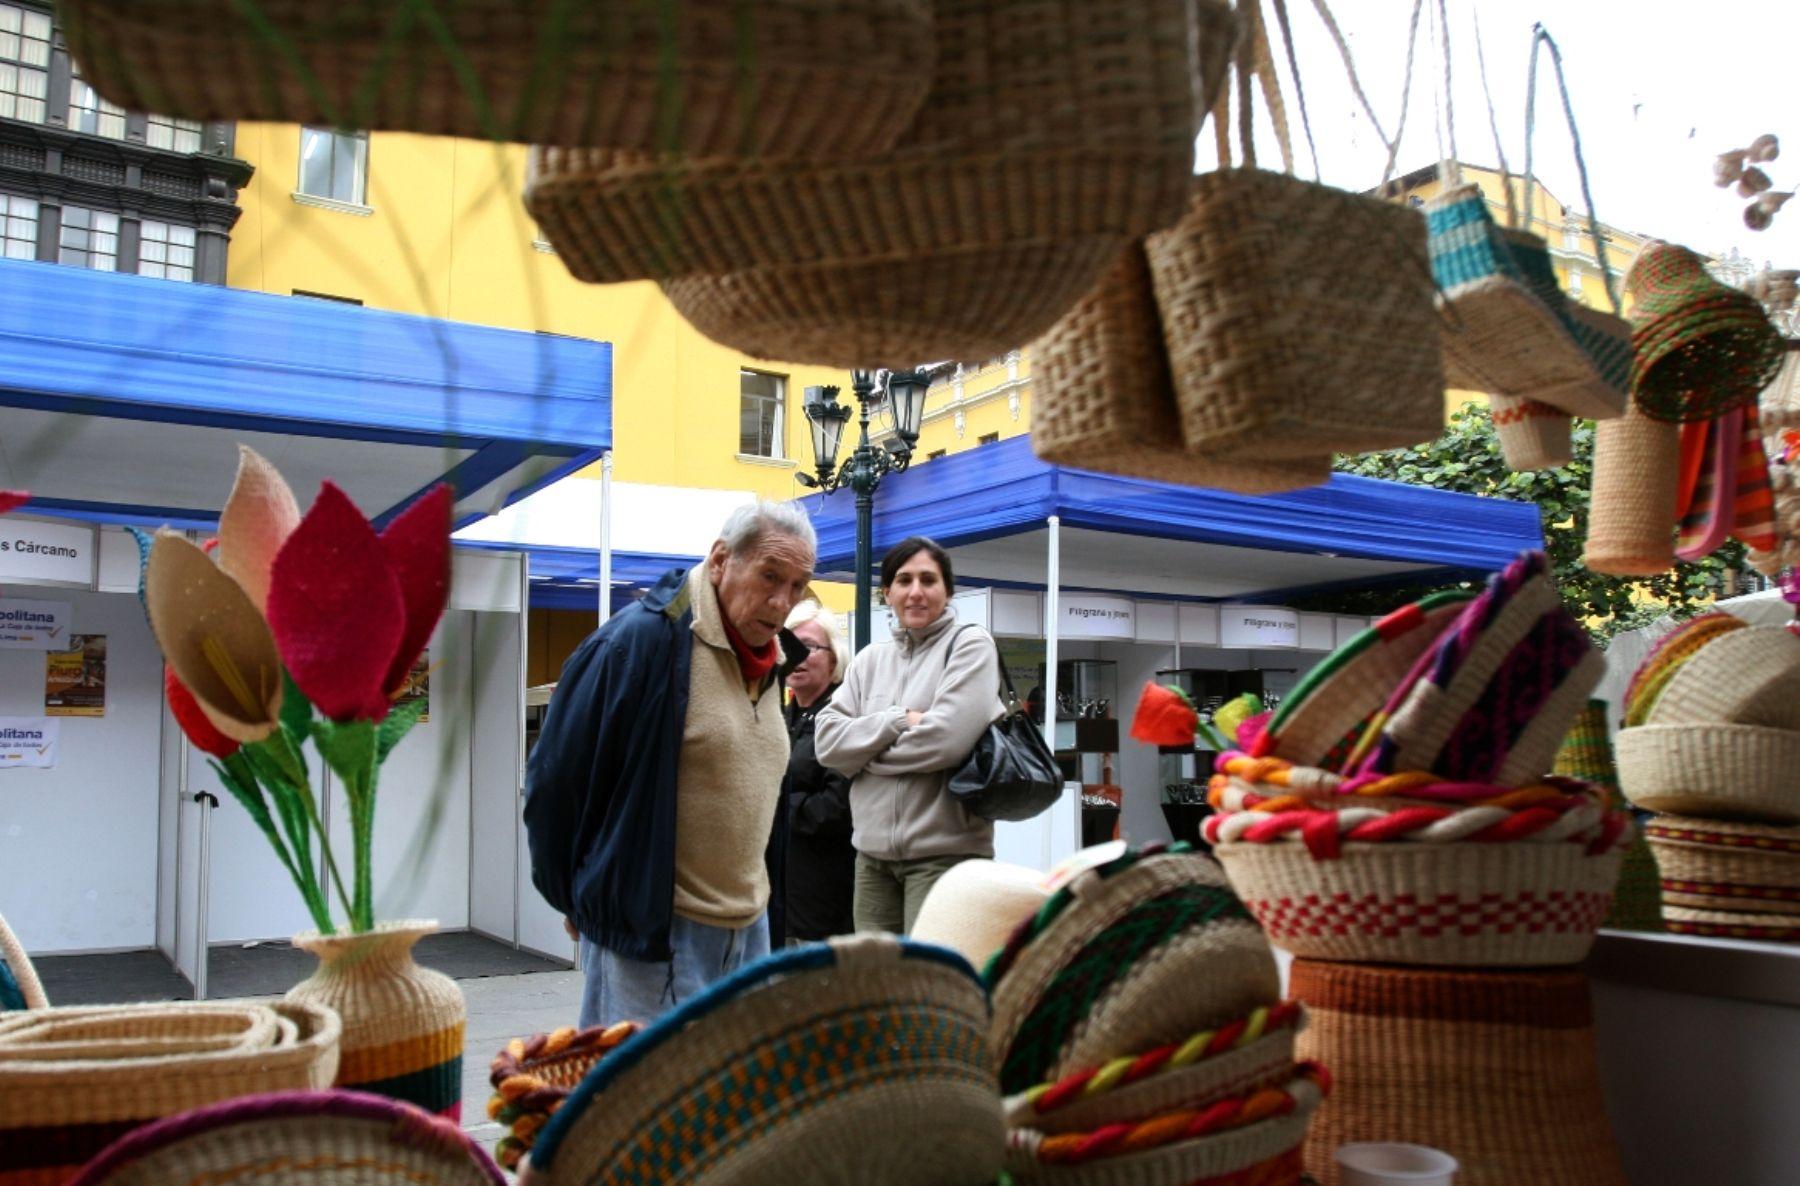 Con el junco, los artesanos de Végueta elaboran una diversidad de productos utilitarios.